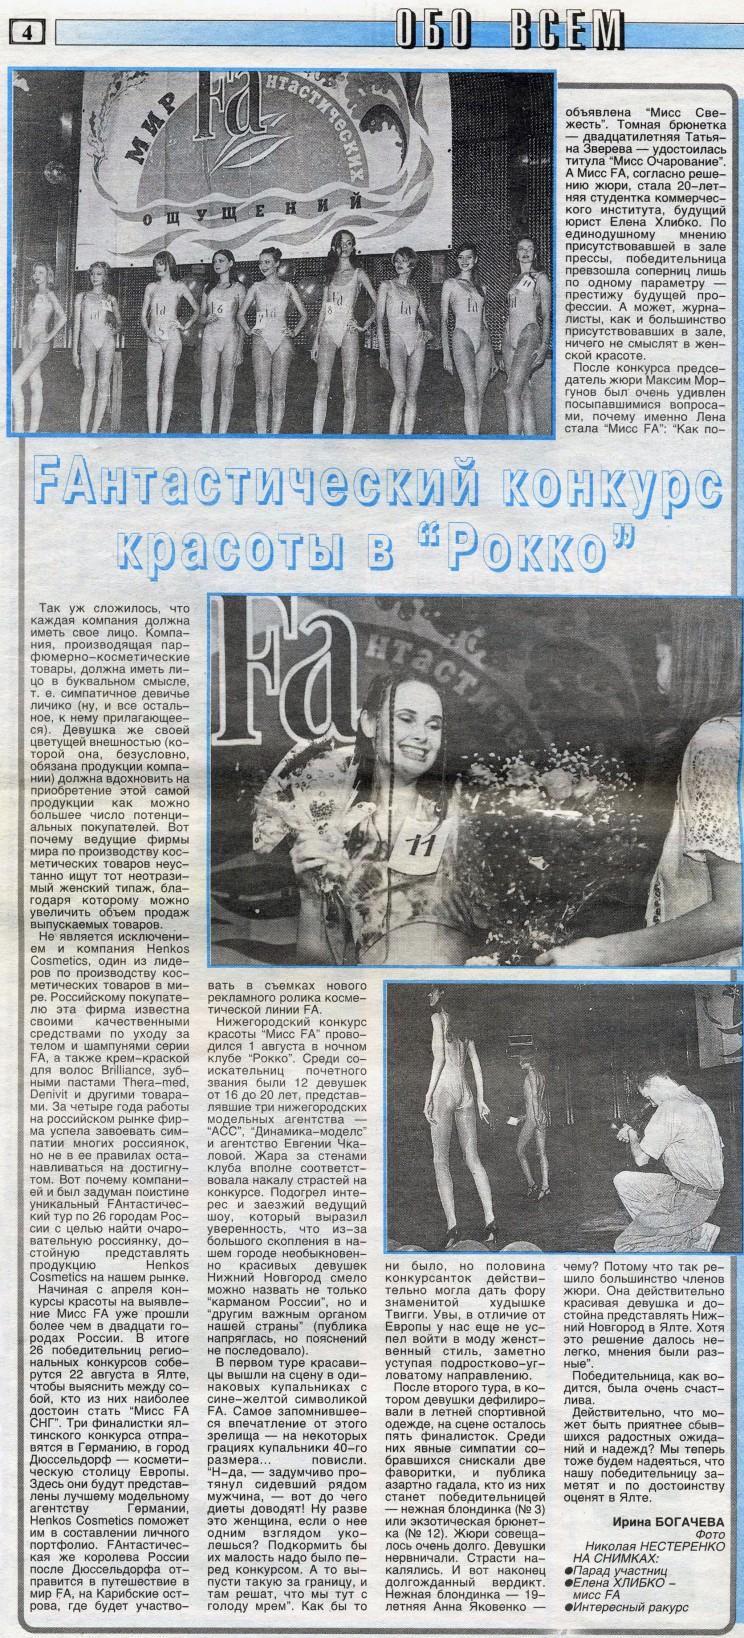 Мисс Fa Елена Хлибко